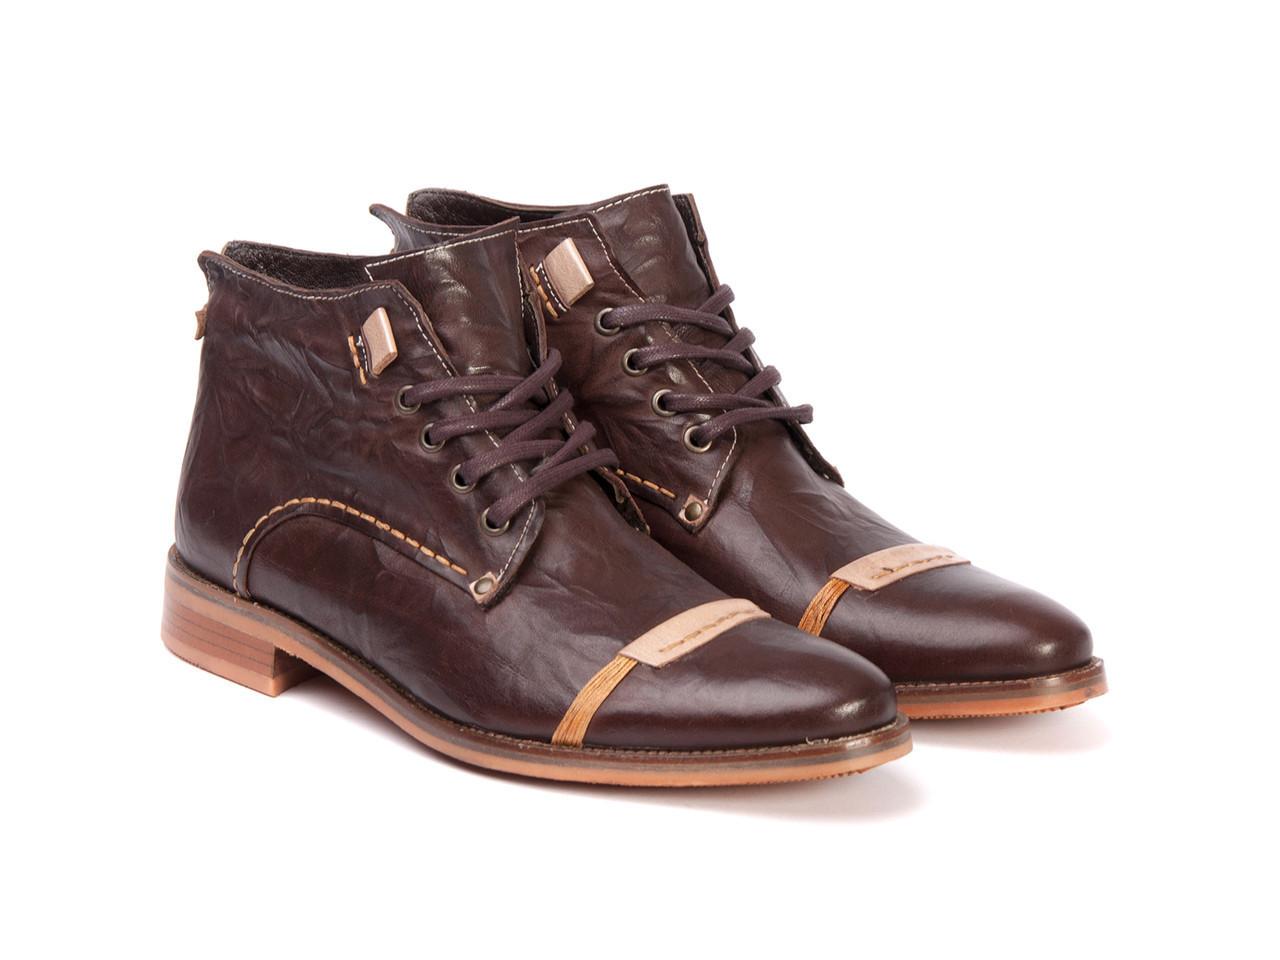 Ботинки Etor 4691-5377-03 43 коричневые